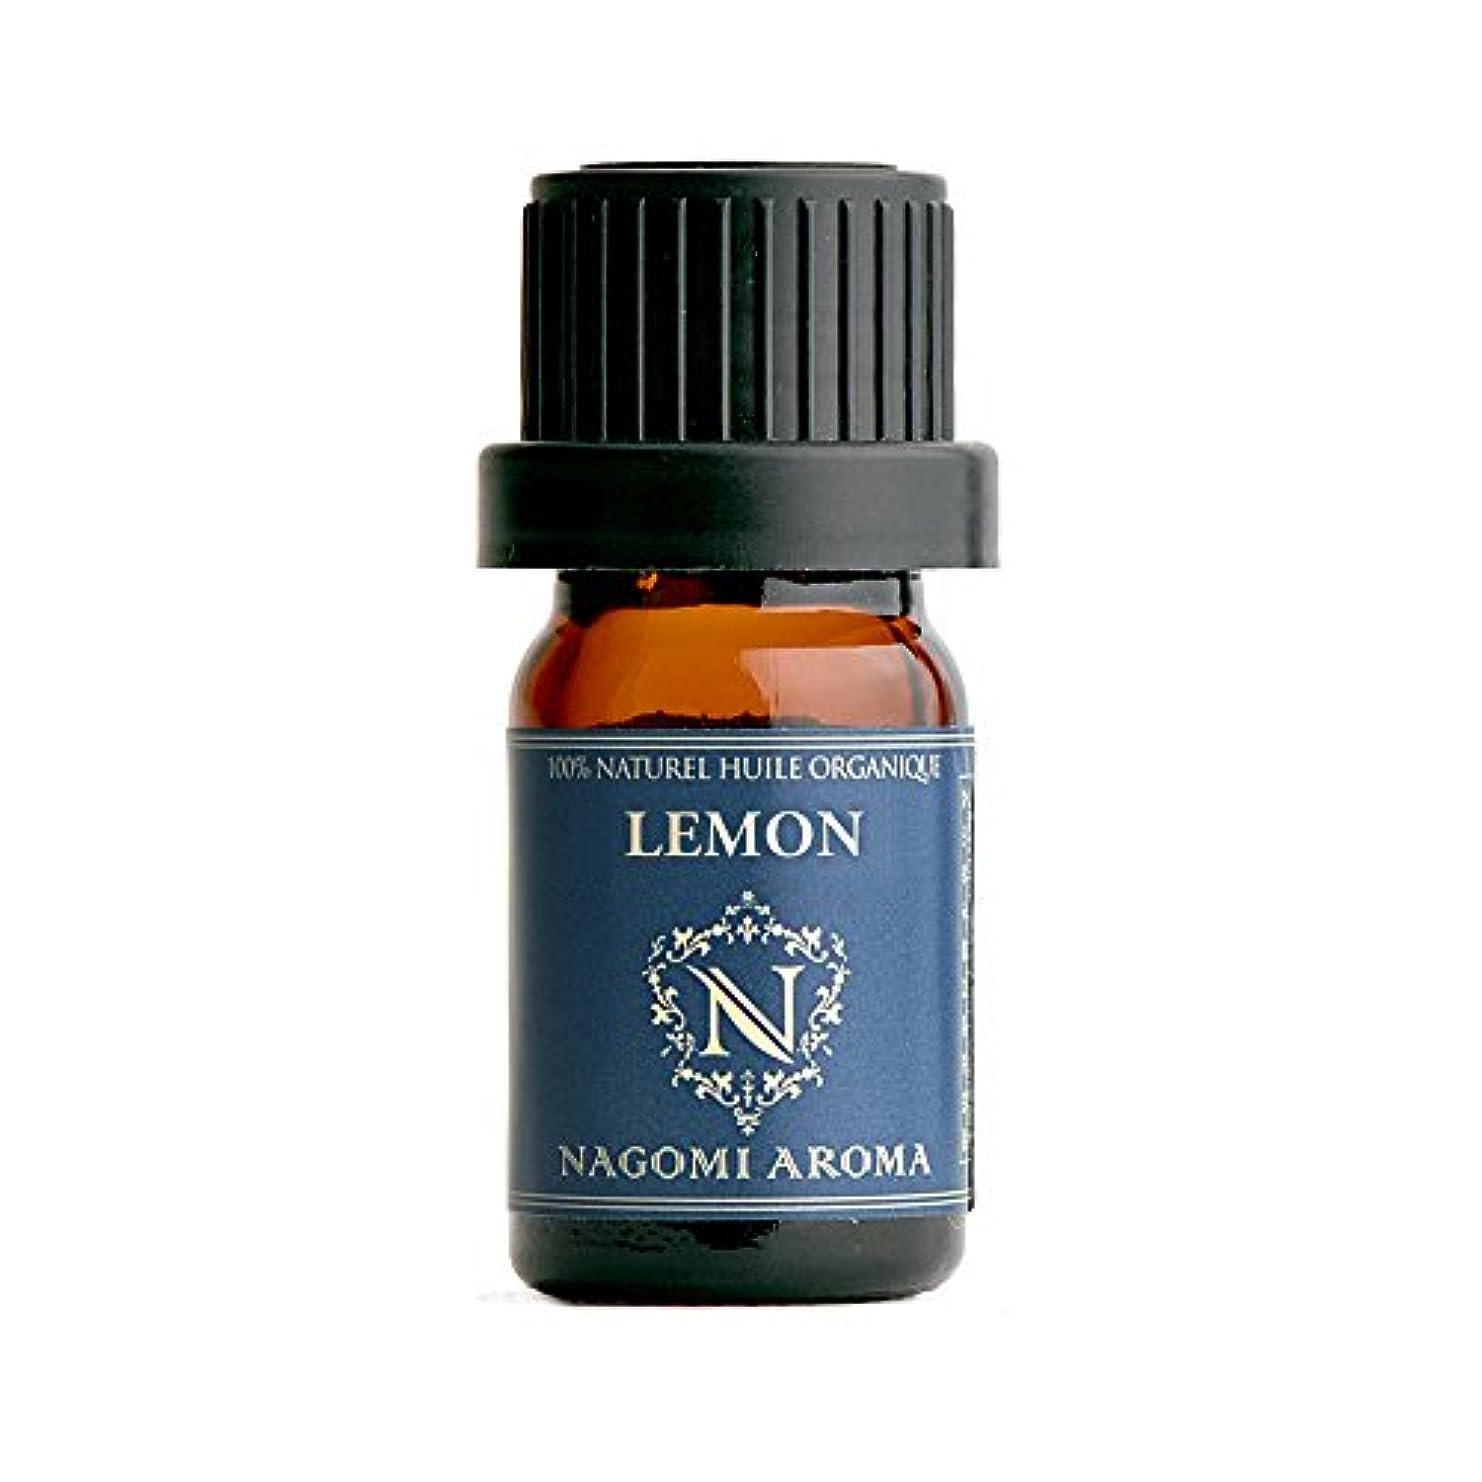 アッパー同志専門知識NAGOMI AROMA オーガニック レモン 5ml 【AEAJ認定精油】【アロマオイル】